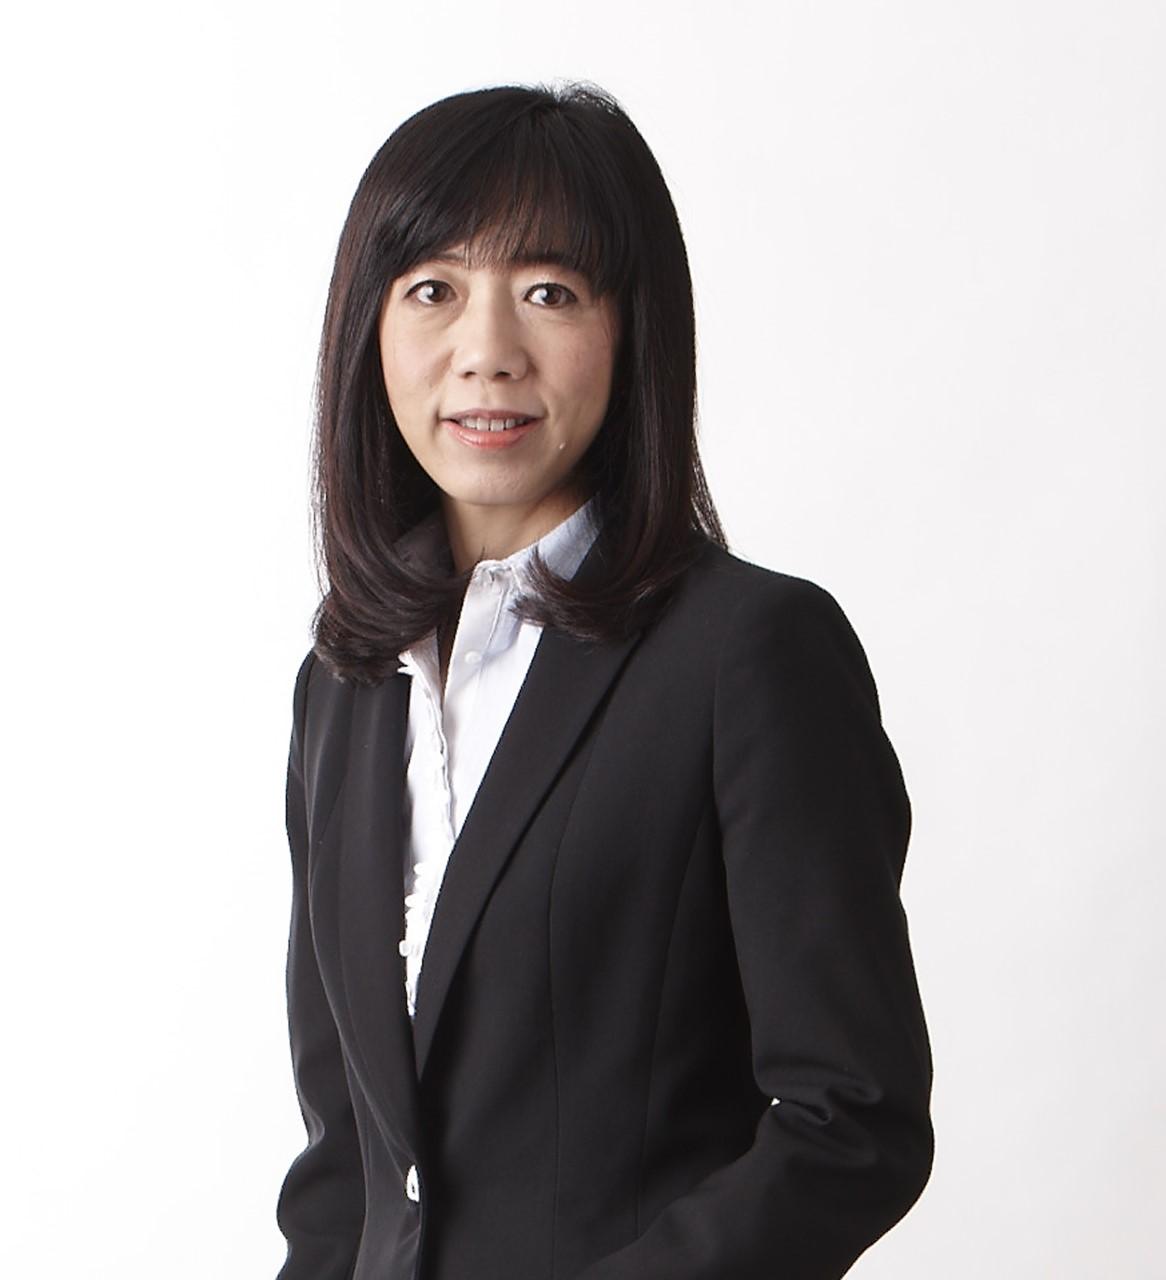 นางสาวรินใจ ชาครพิพัฒน์ รองผู้จัดการ หัวหน้าสายงานการตลาด ตลาดหลักทรัพย์แห่งประเทศไทย